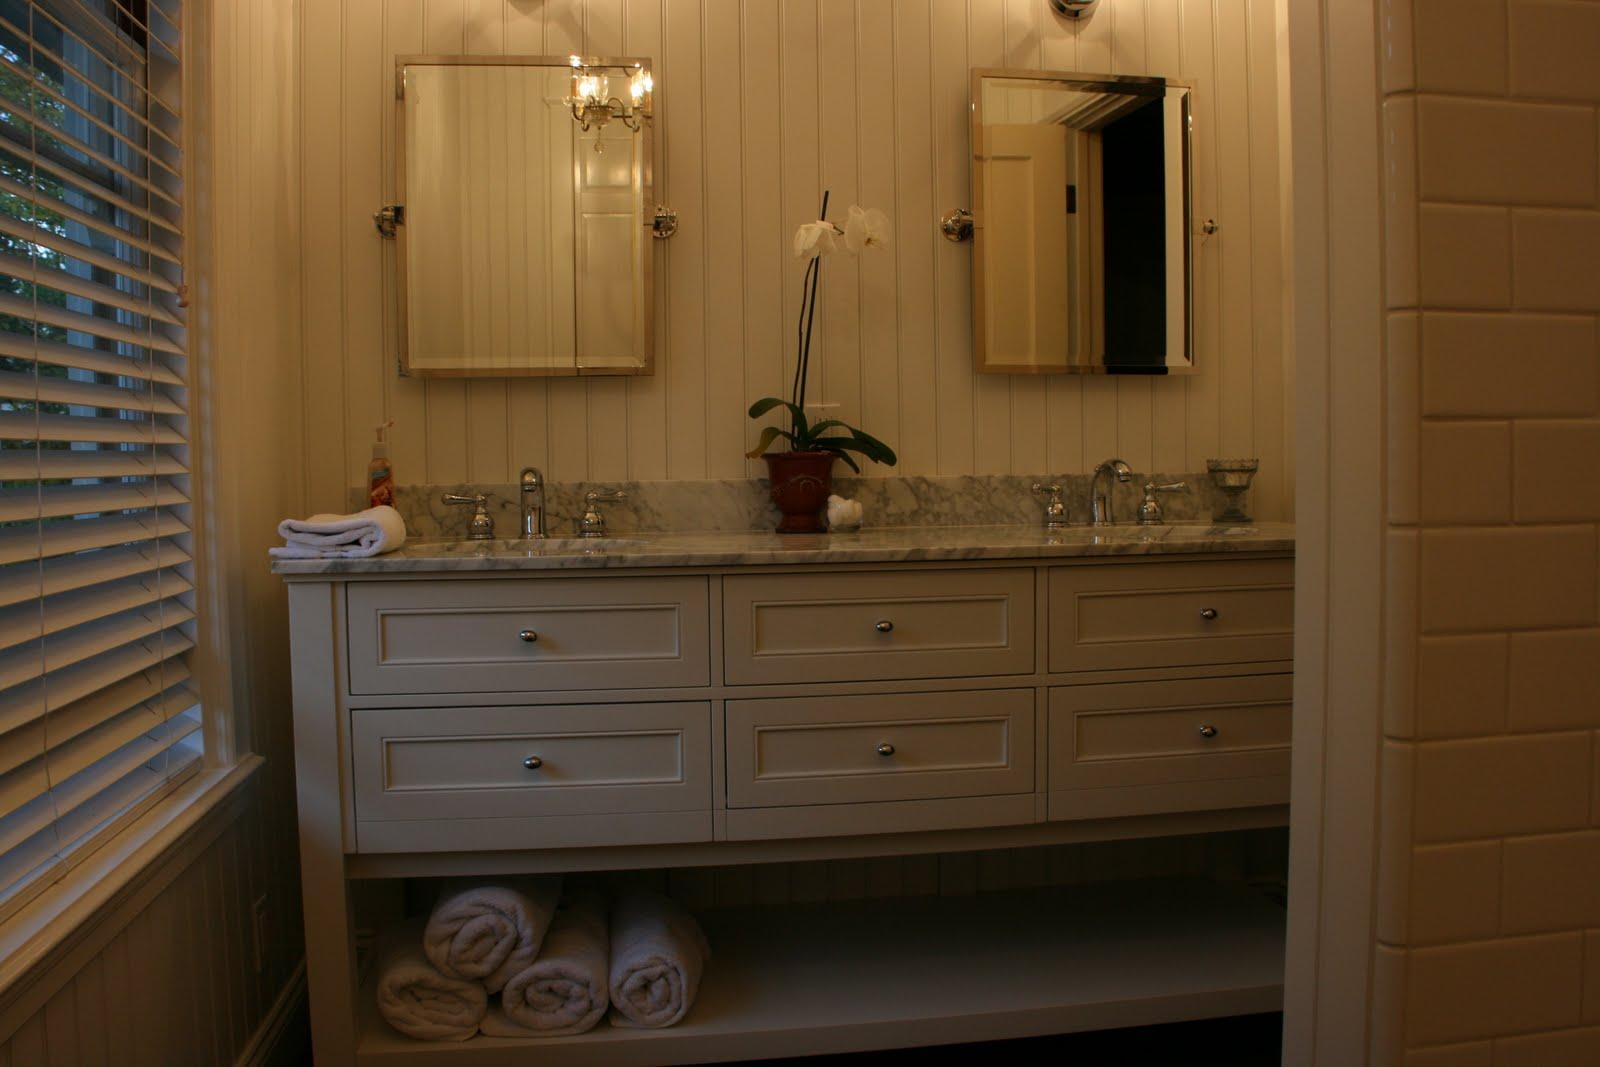 vignette design: a 30 day bathroom remodel reveal